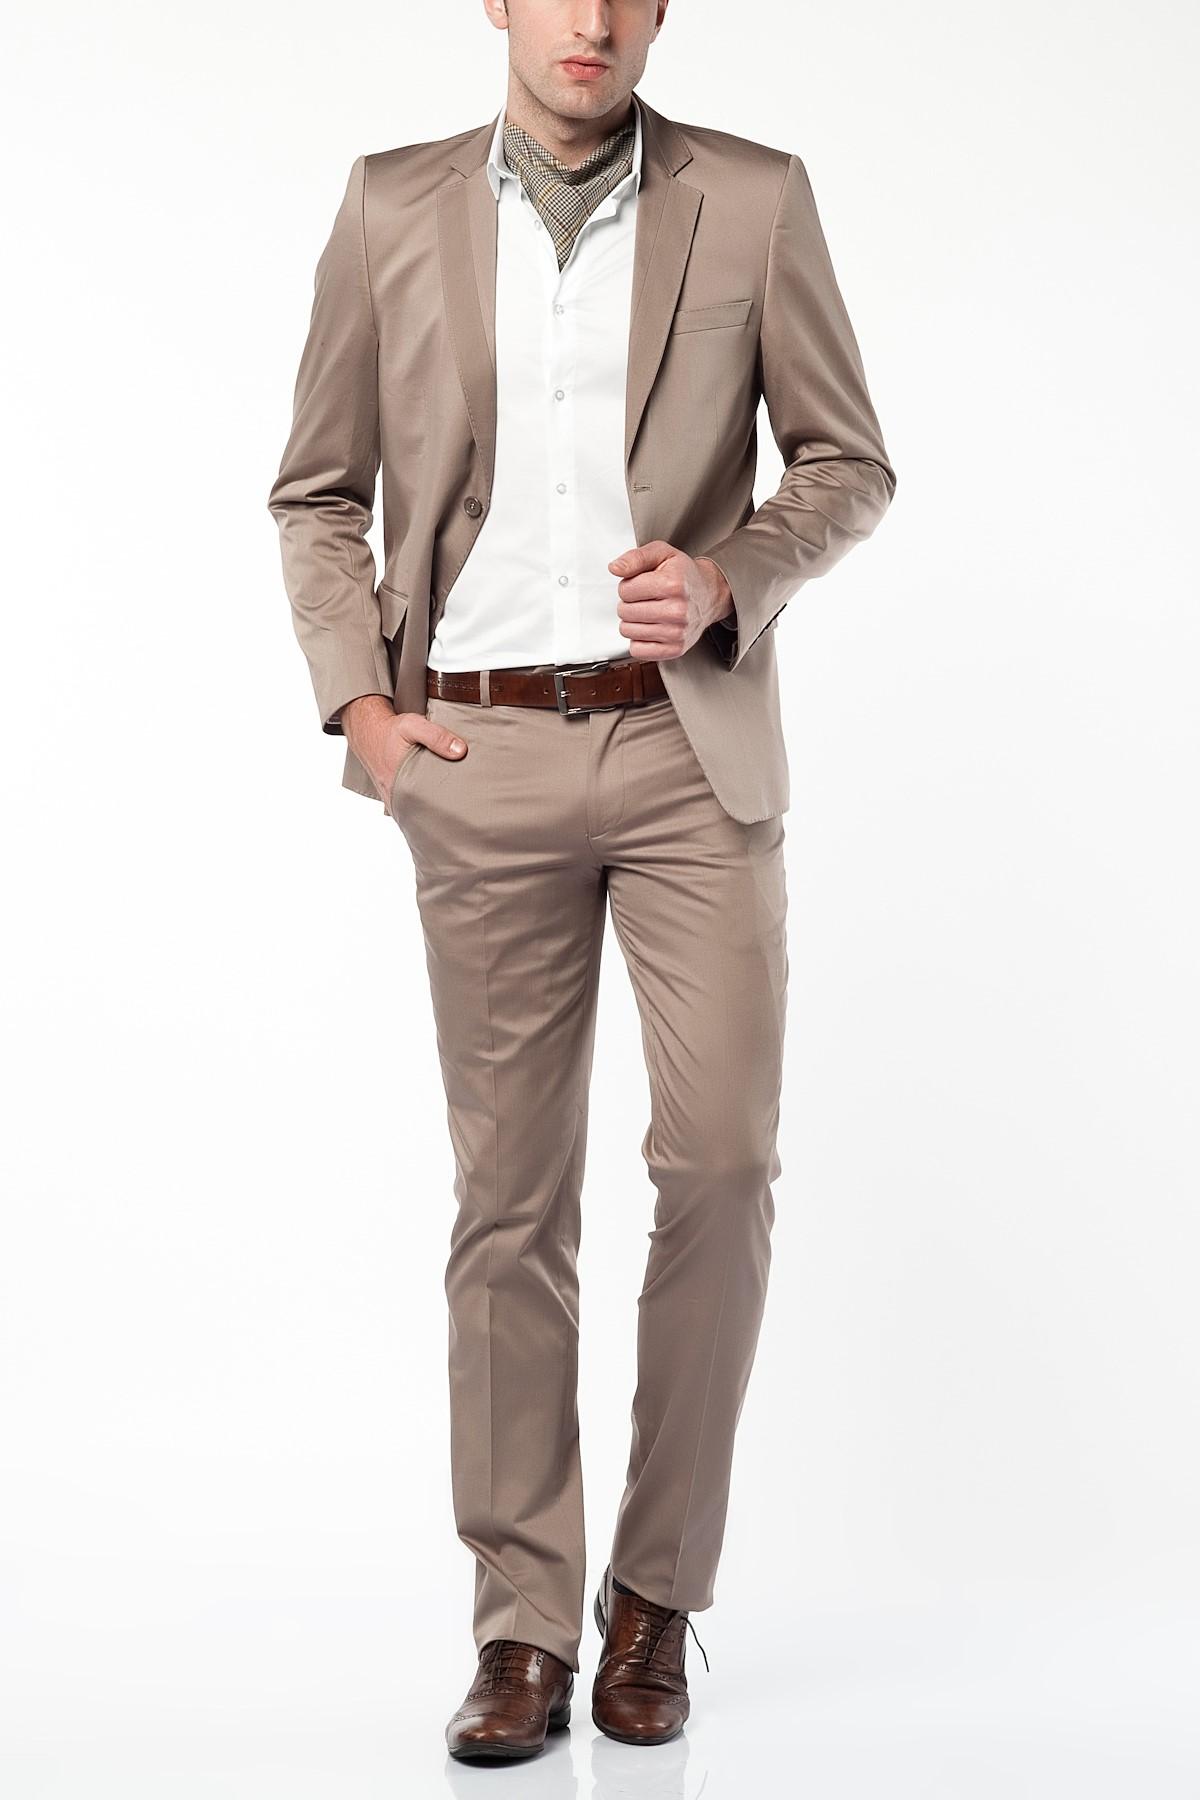 بالصور ملابس رجالية , تعرف علي اشيك موديلات الملابس الرجالي 3463 10